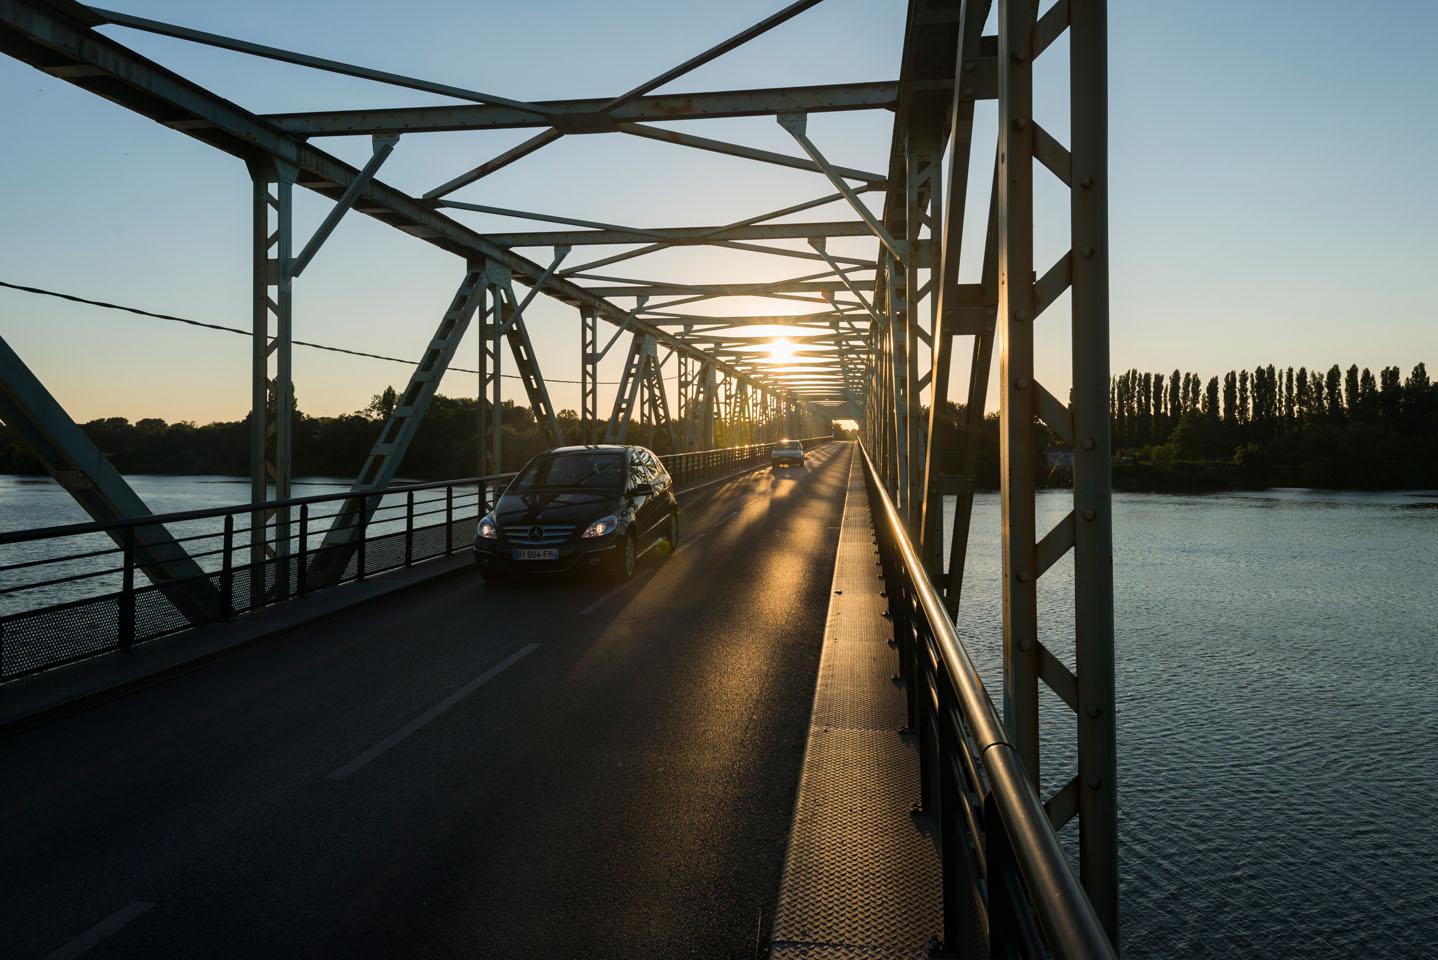 photo de la levee de la divatte sur les bords de Loire au soleil couchant. photo du pont de Thouaré sur Loire. couche de soleil sur le pont mettallique.